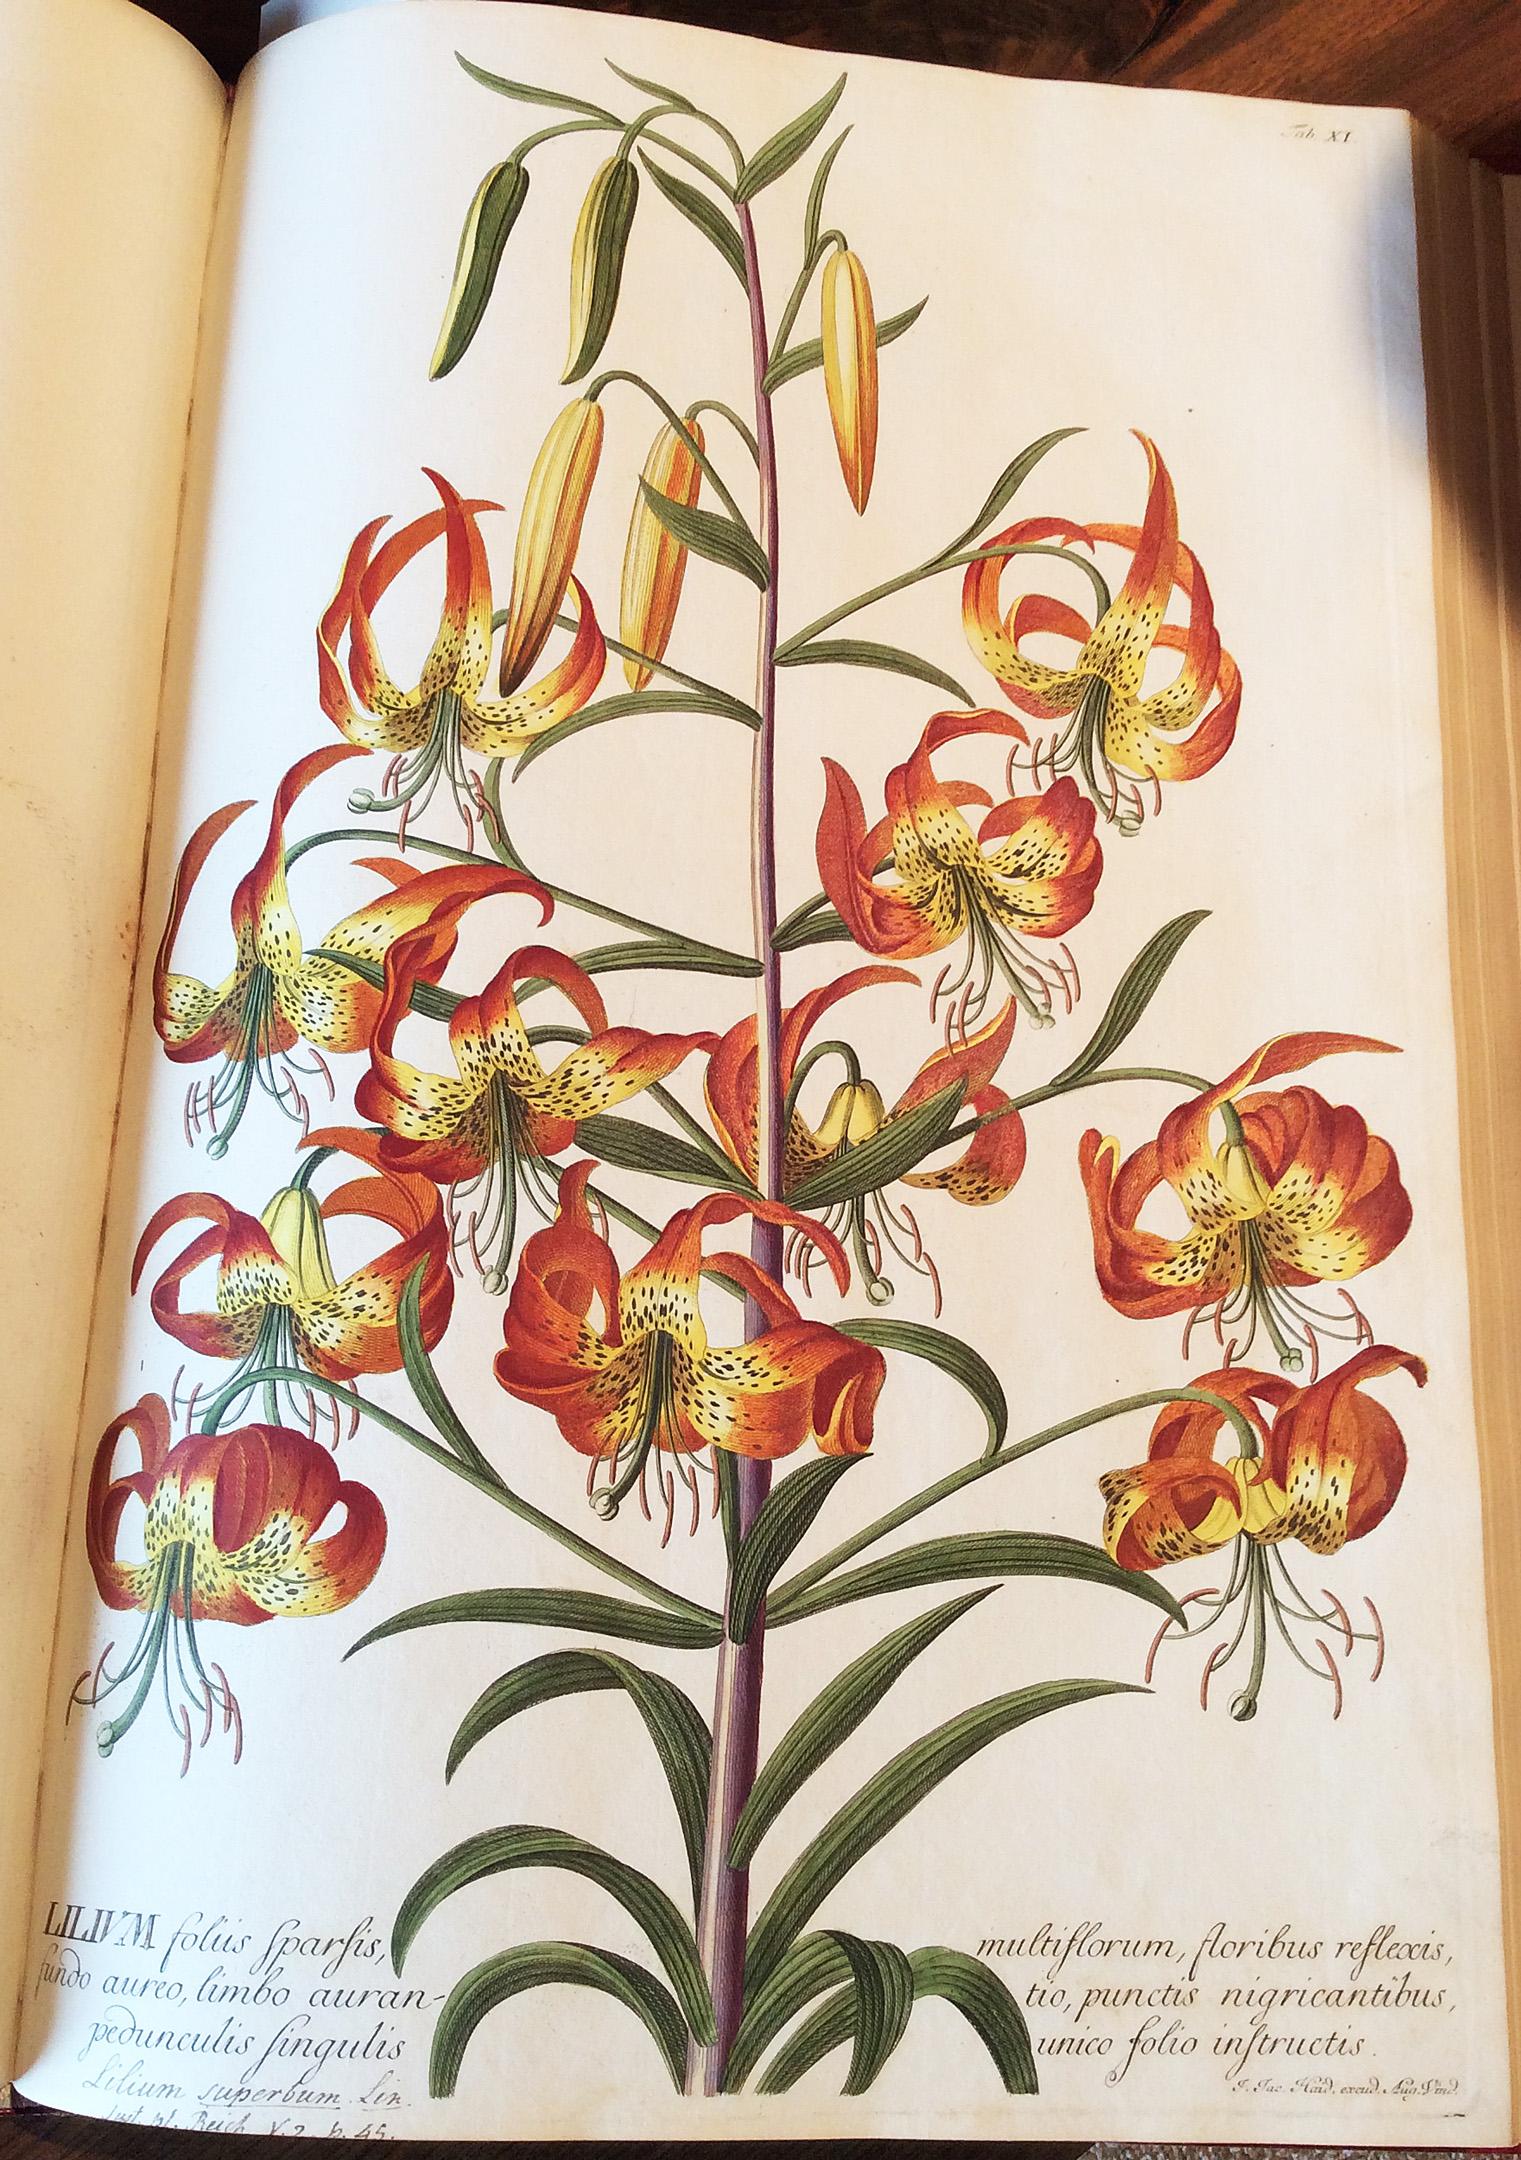 lily-de-historia-stirpium-leonhart-fuchs-1542-minn-landscape-arb-ppa-8-3-16